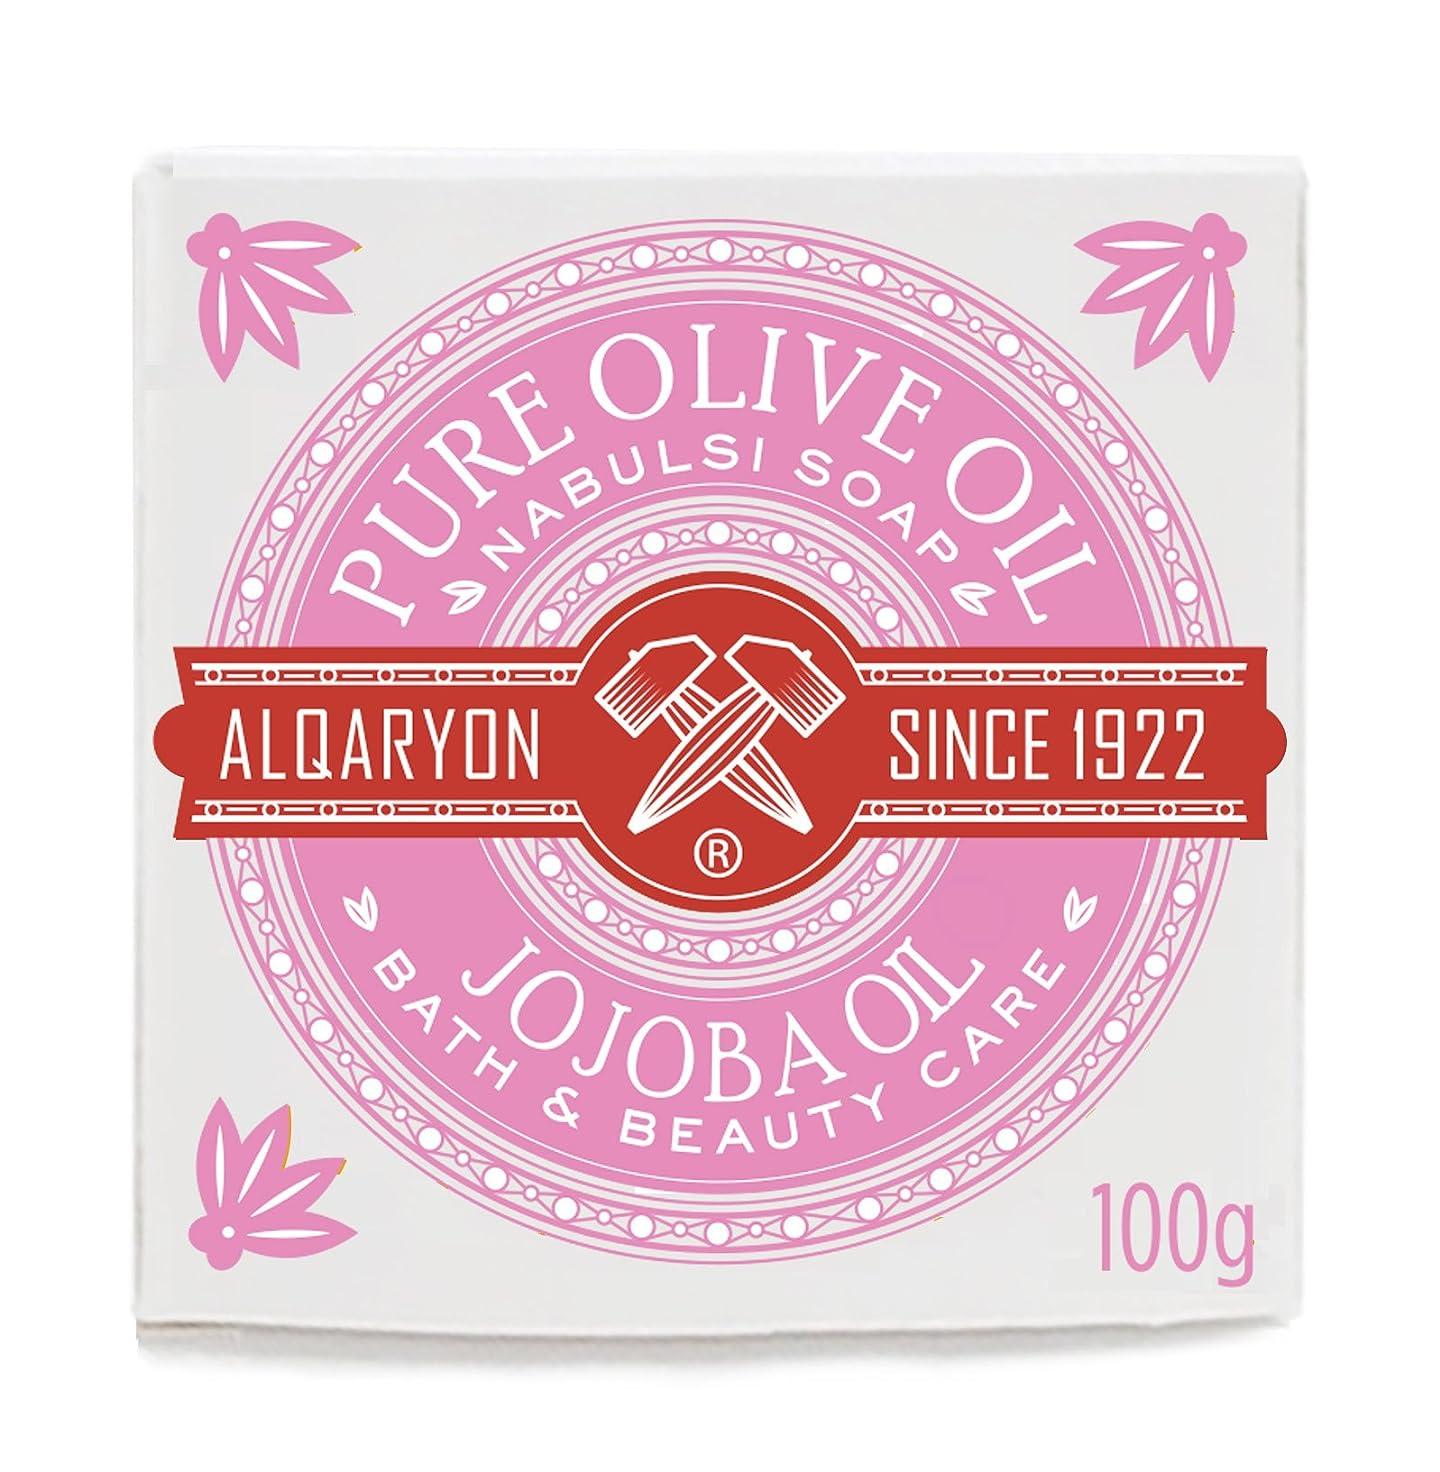 解く断言する柔らかいAlqaryon Jojoba Oil & Olive Oil Bar Soaps, Pack of 4 Bars 100g - Alqaryonのホホバ オイルとオリーブオイル ソープ、バス & ビューティー ケア、100gの石鹸4個のパック